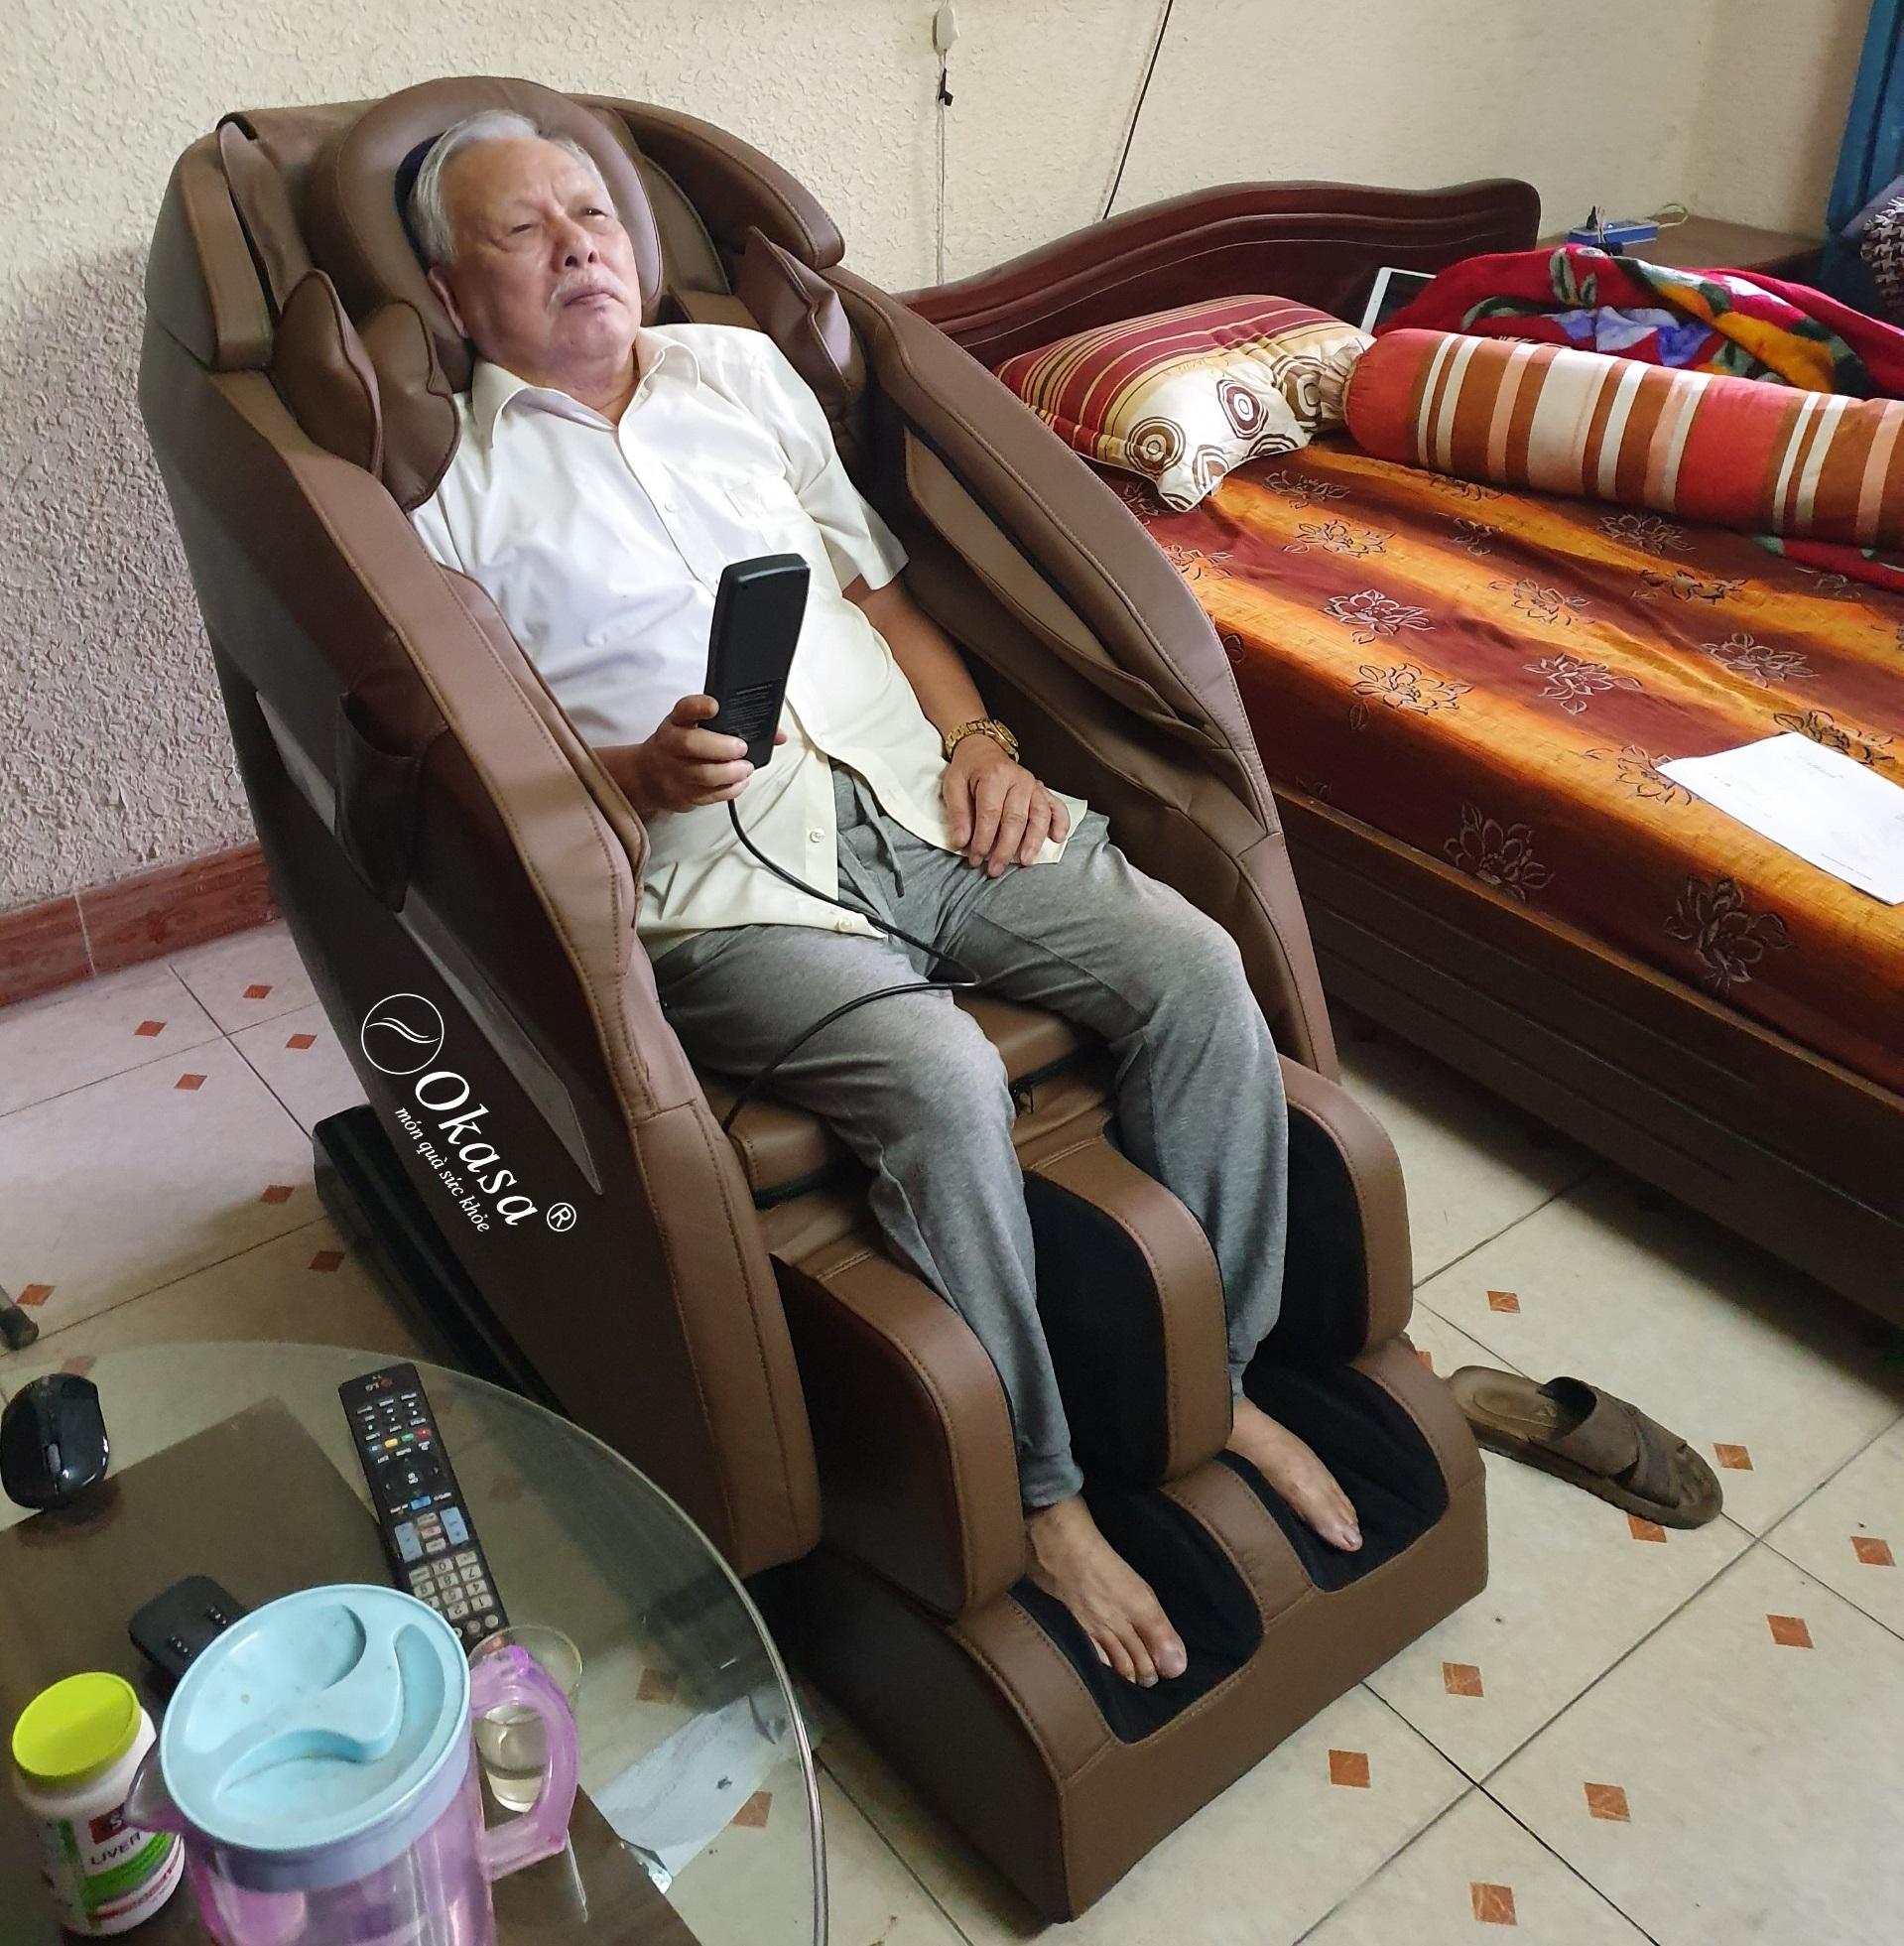 Máy massage lưng, tay, vai, gáy, toàn thân cho người già có những lợi ích gì và cách lựa chọn?